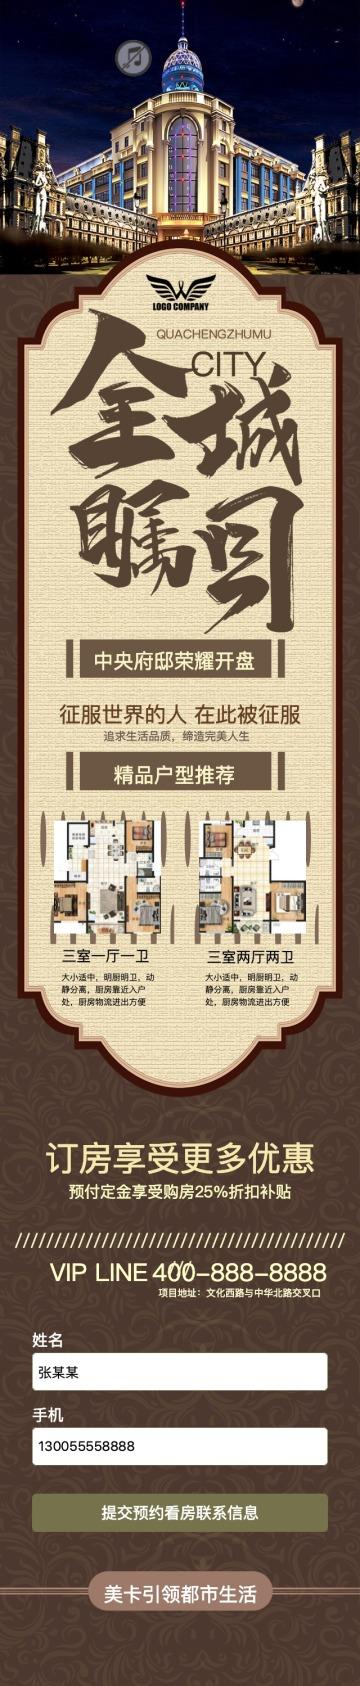 地产销售房地产楼盘开盘宣传推广单页